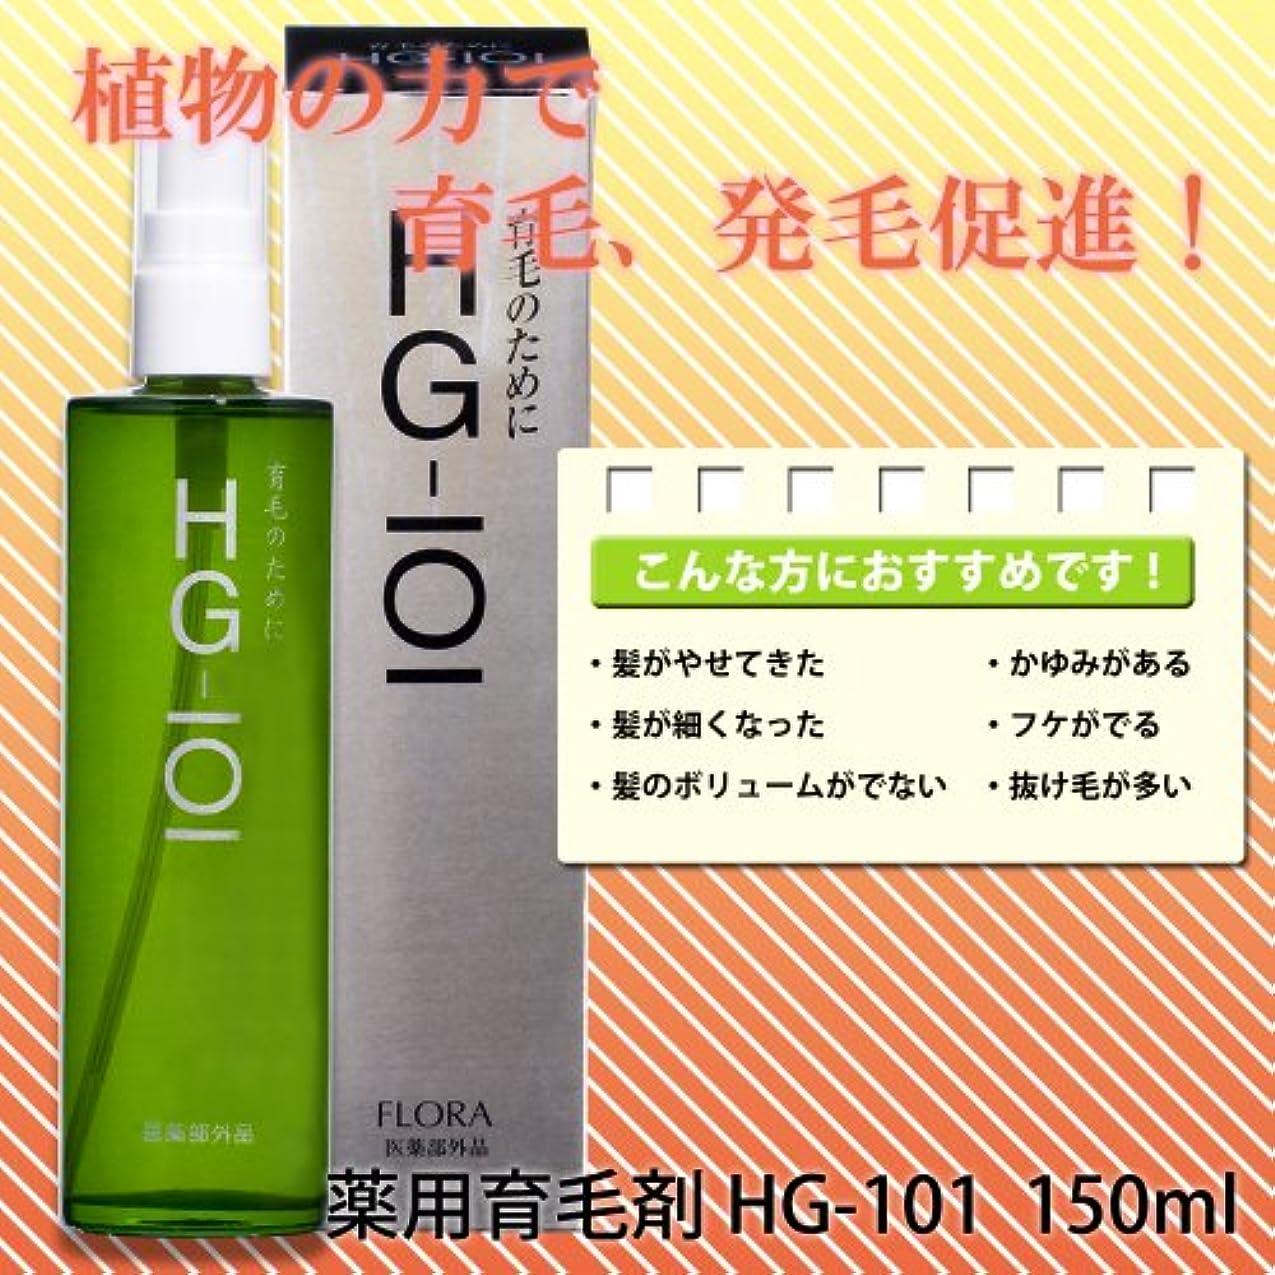 乳白引き出しカウンタ薬用育毛剤HG-101 150ml